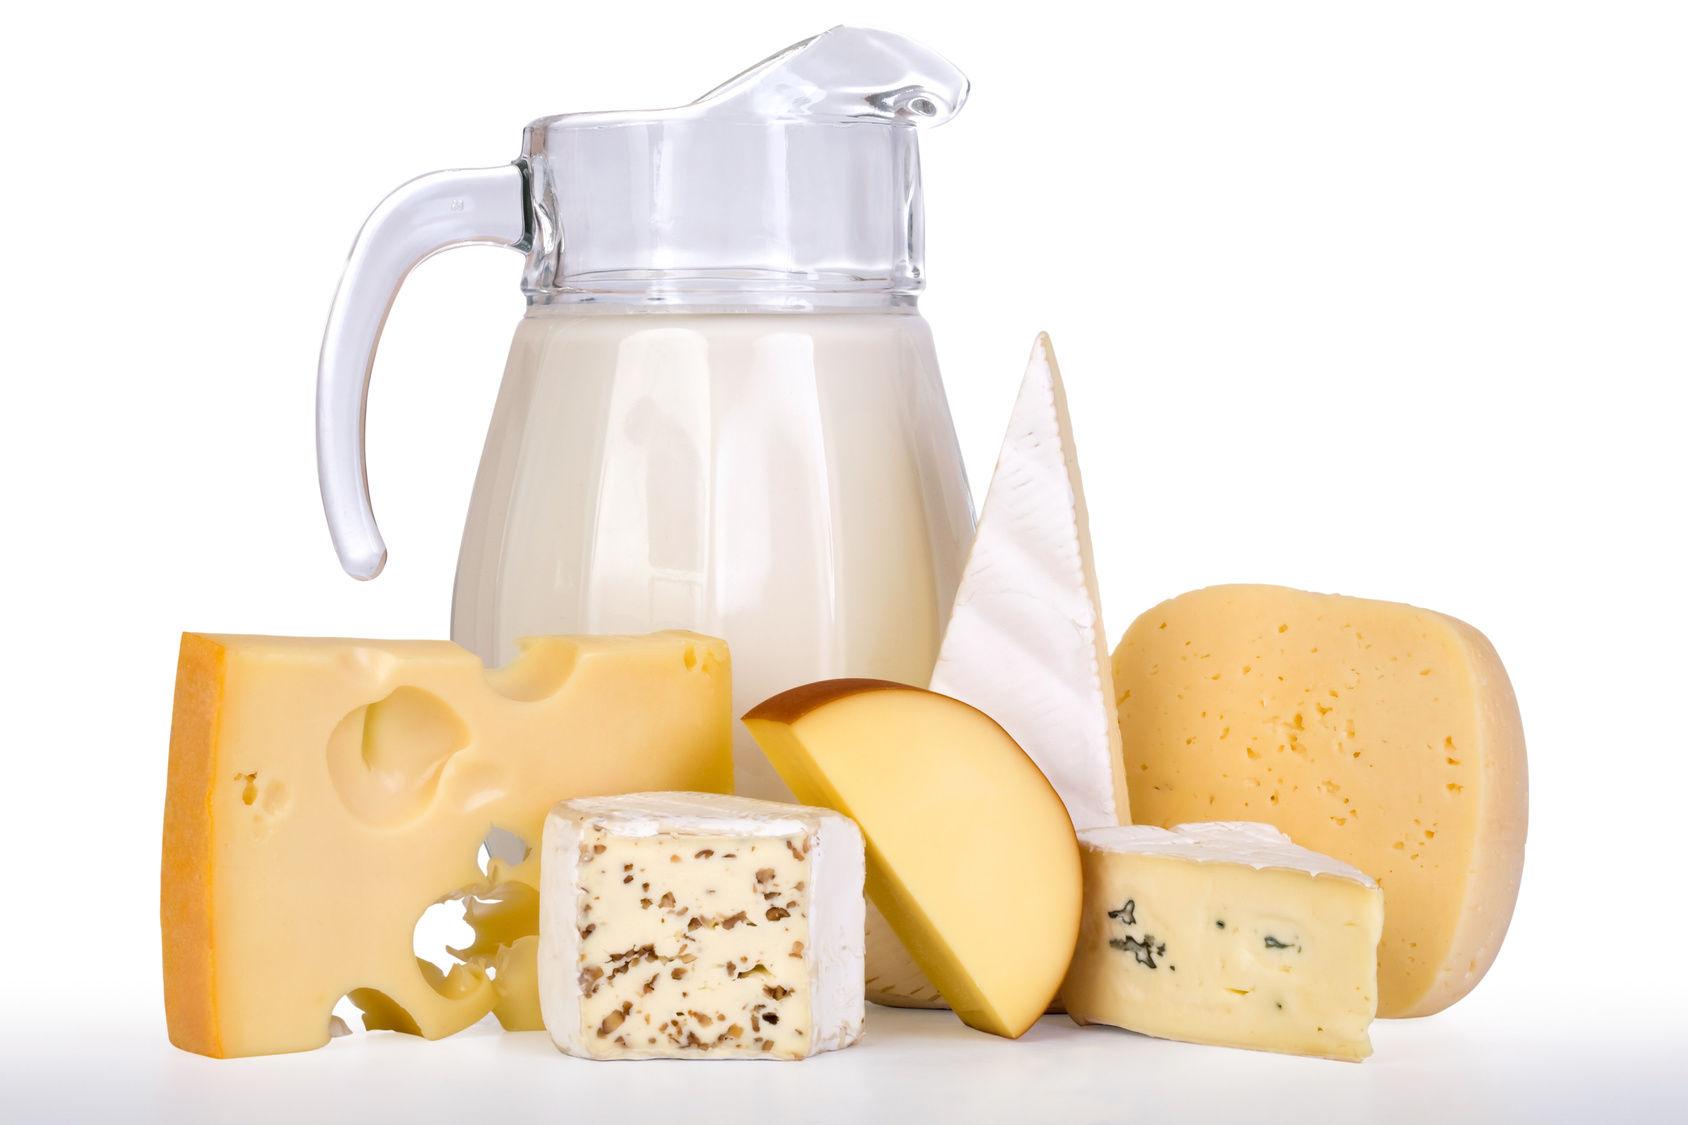 Sehr Wichtig Zu Wissen Warum Sind Milch Und Milchprodukte